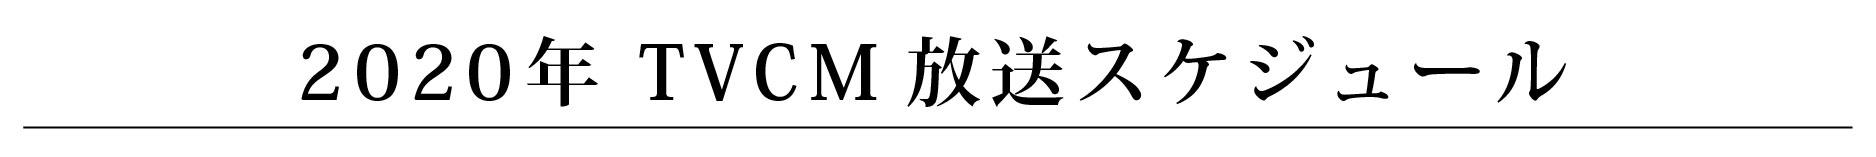 TVCM放送スケジュール